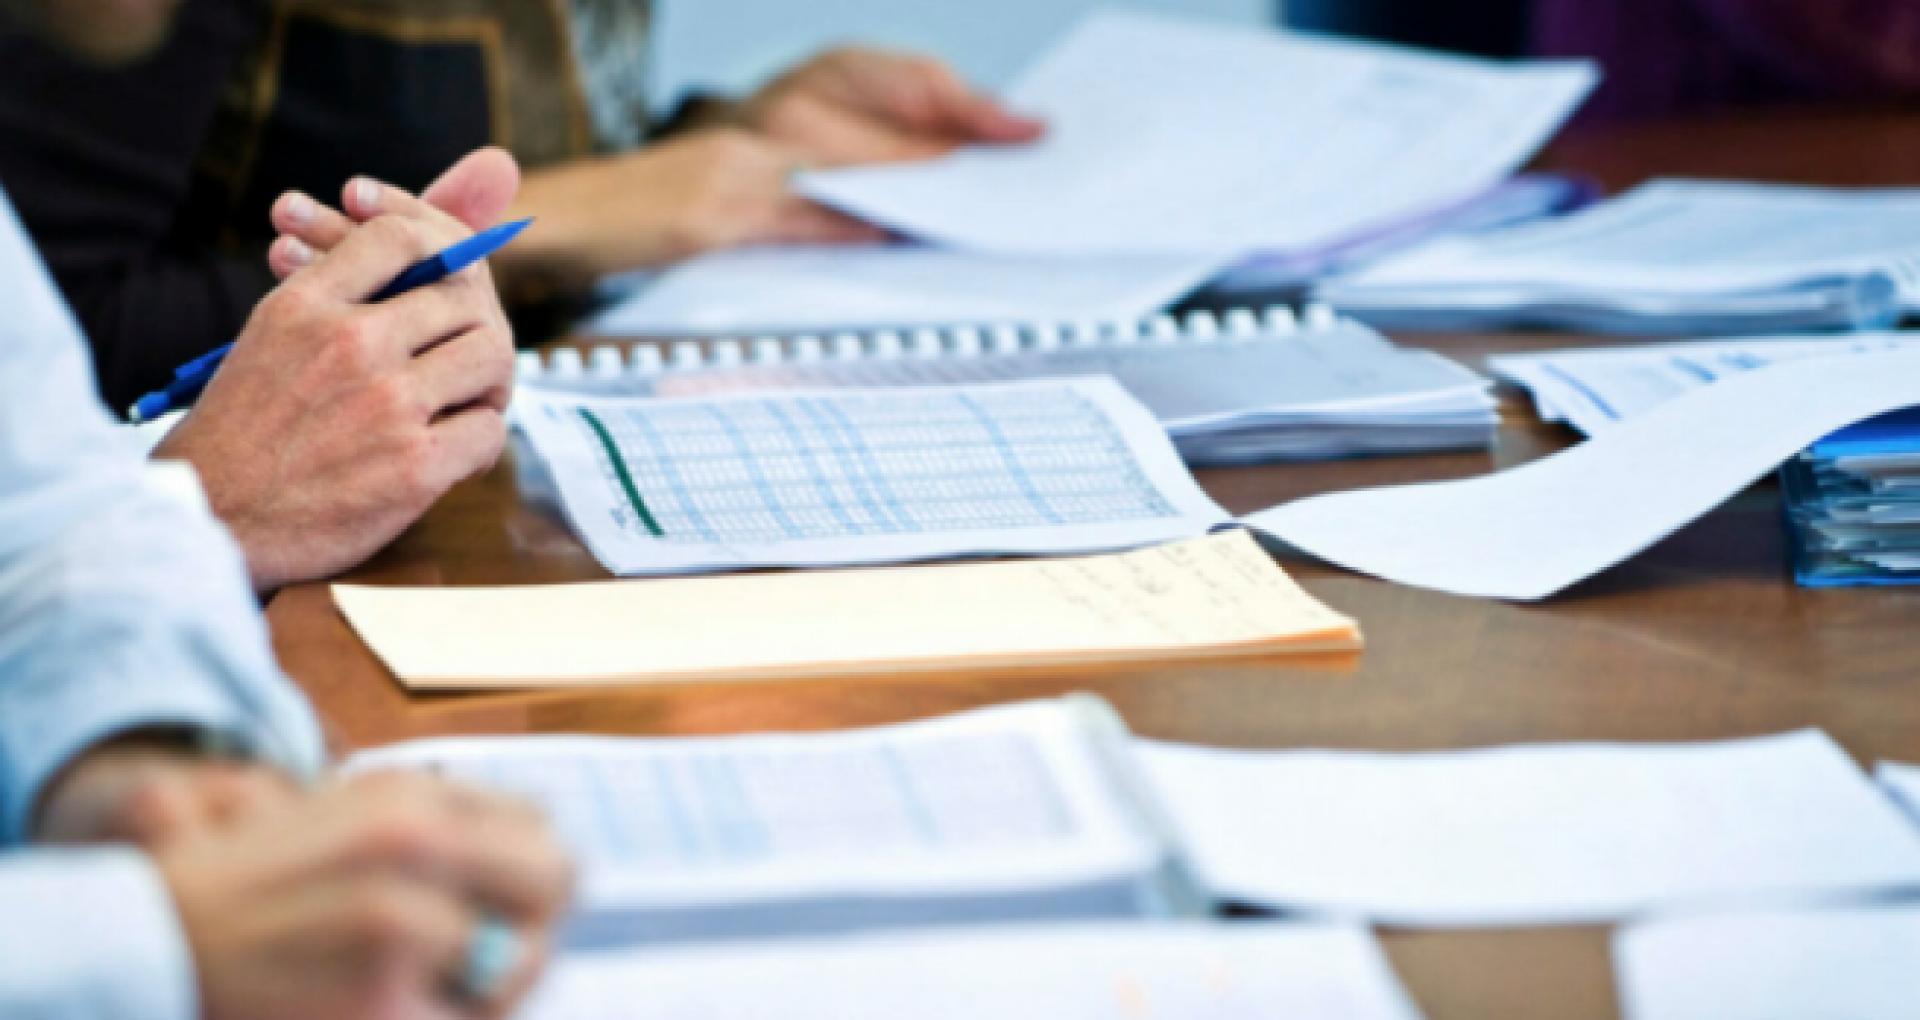 Parlamentul a prelungit termenul de depunere a declarațiilor fiscale pentru conducătorii întreprinderilor care au fost infectați cu COVID-19